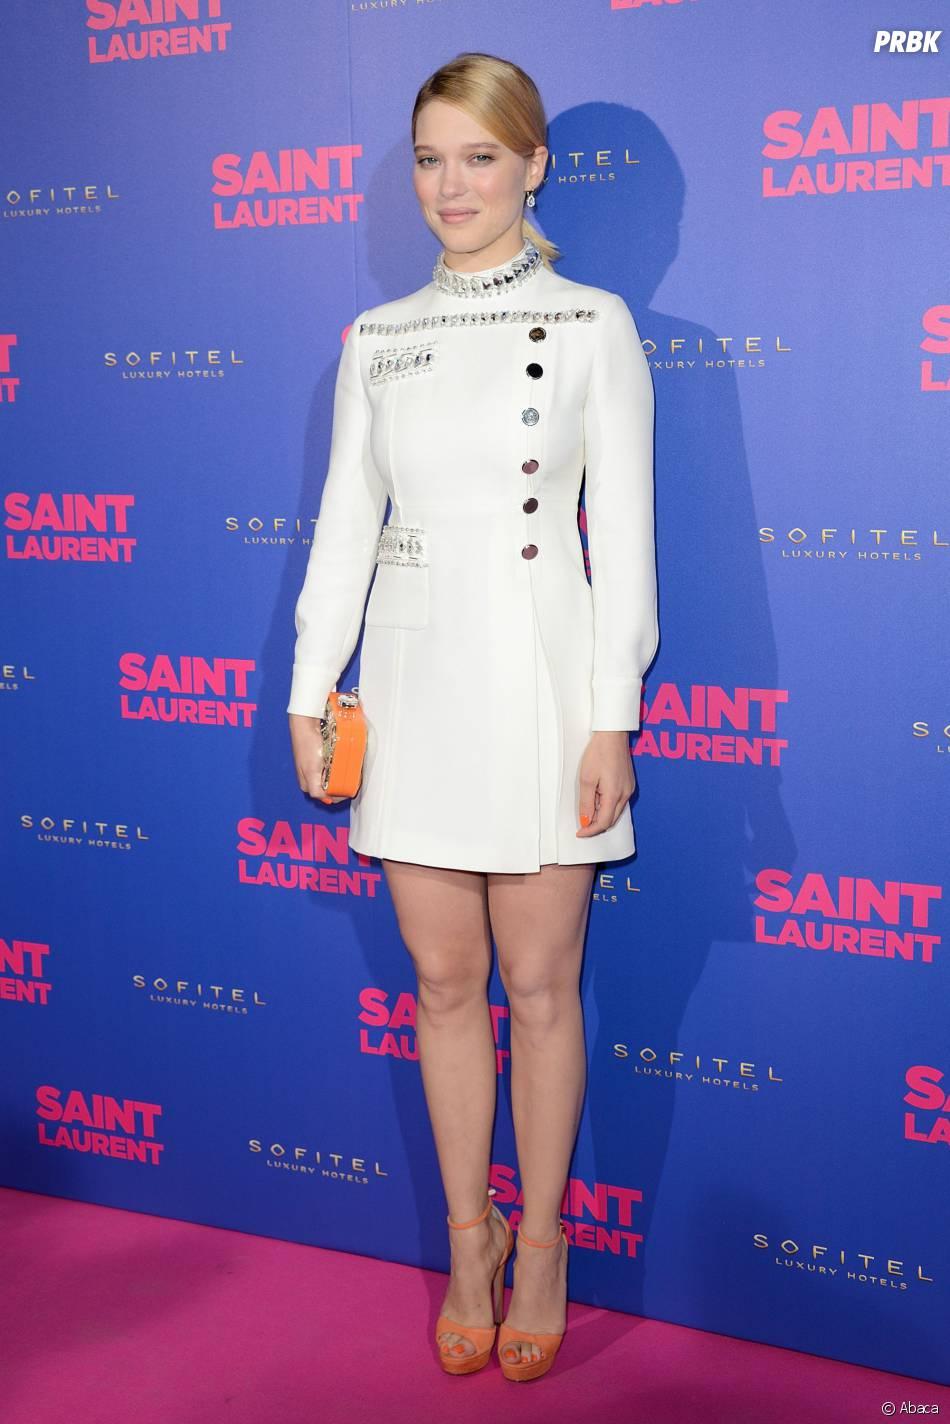 Léa Seydoux à l'avant-première de Saint Laurent, le 23 septembre 2014 à Paris